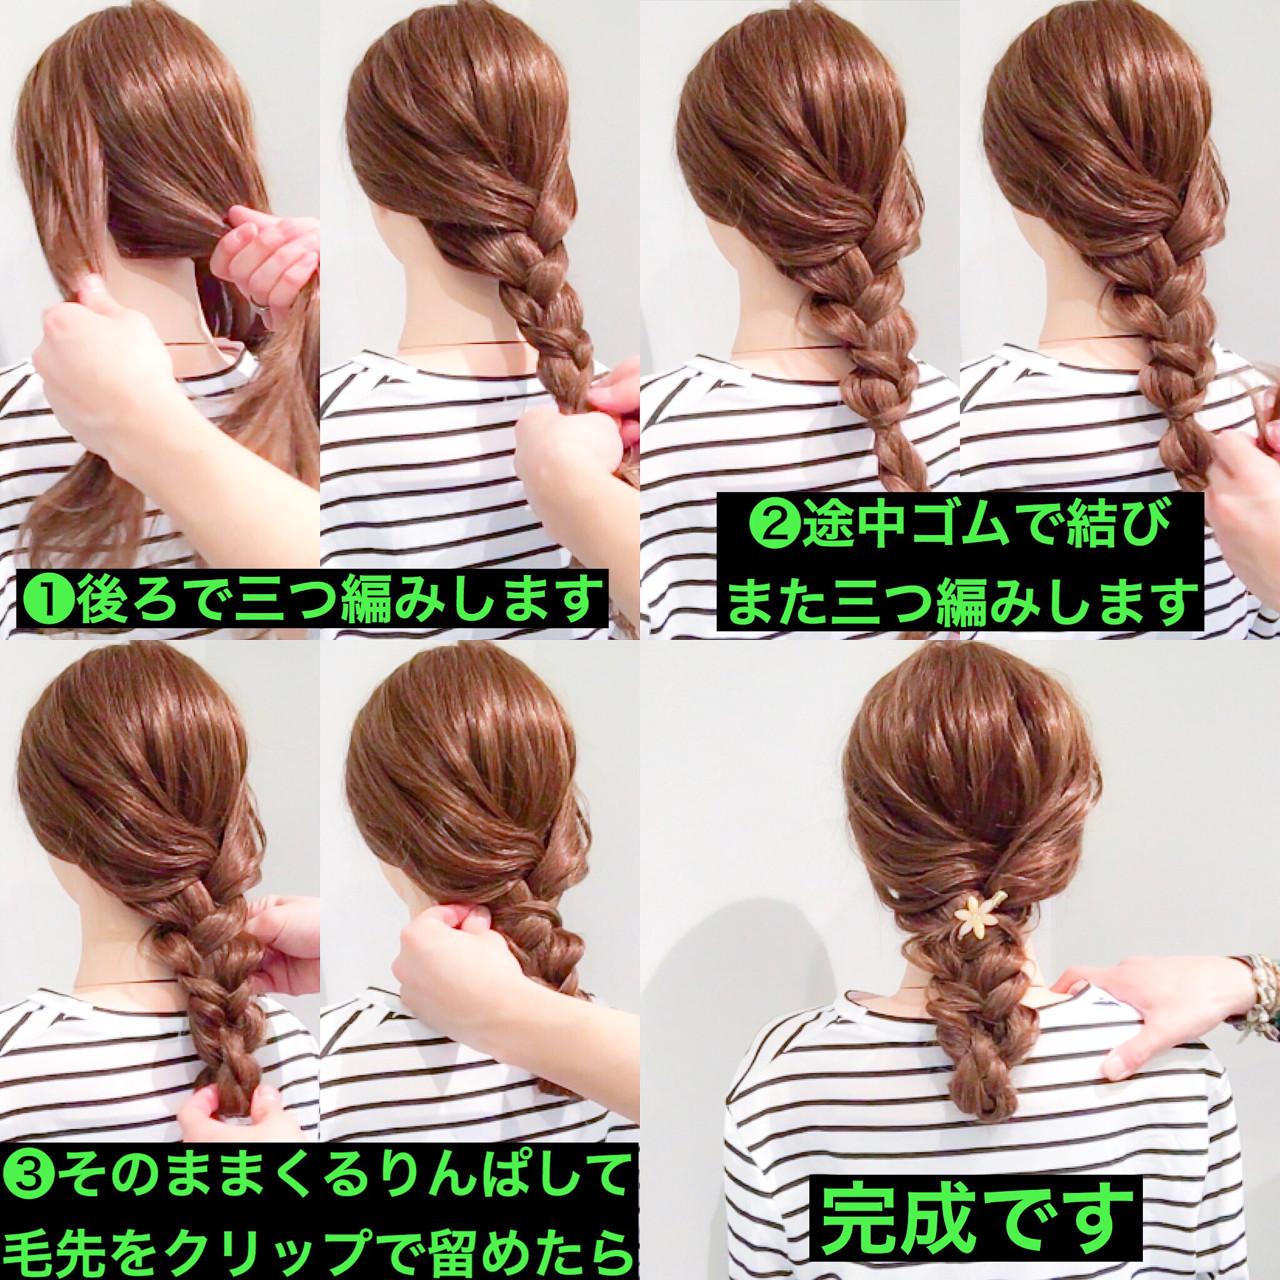 簡単なのにオシャレなダウンヘアアレンジ♪ 美容師 HIRO